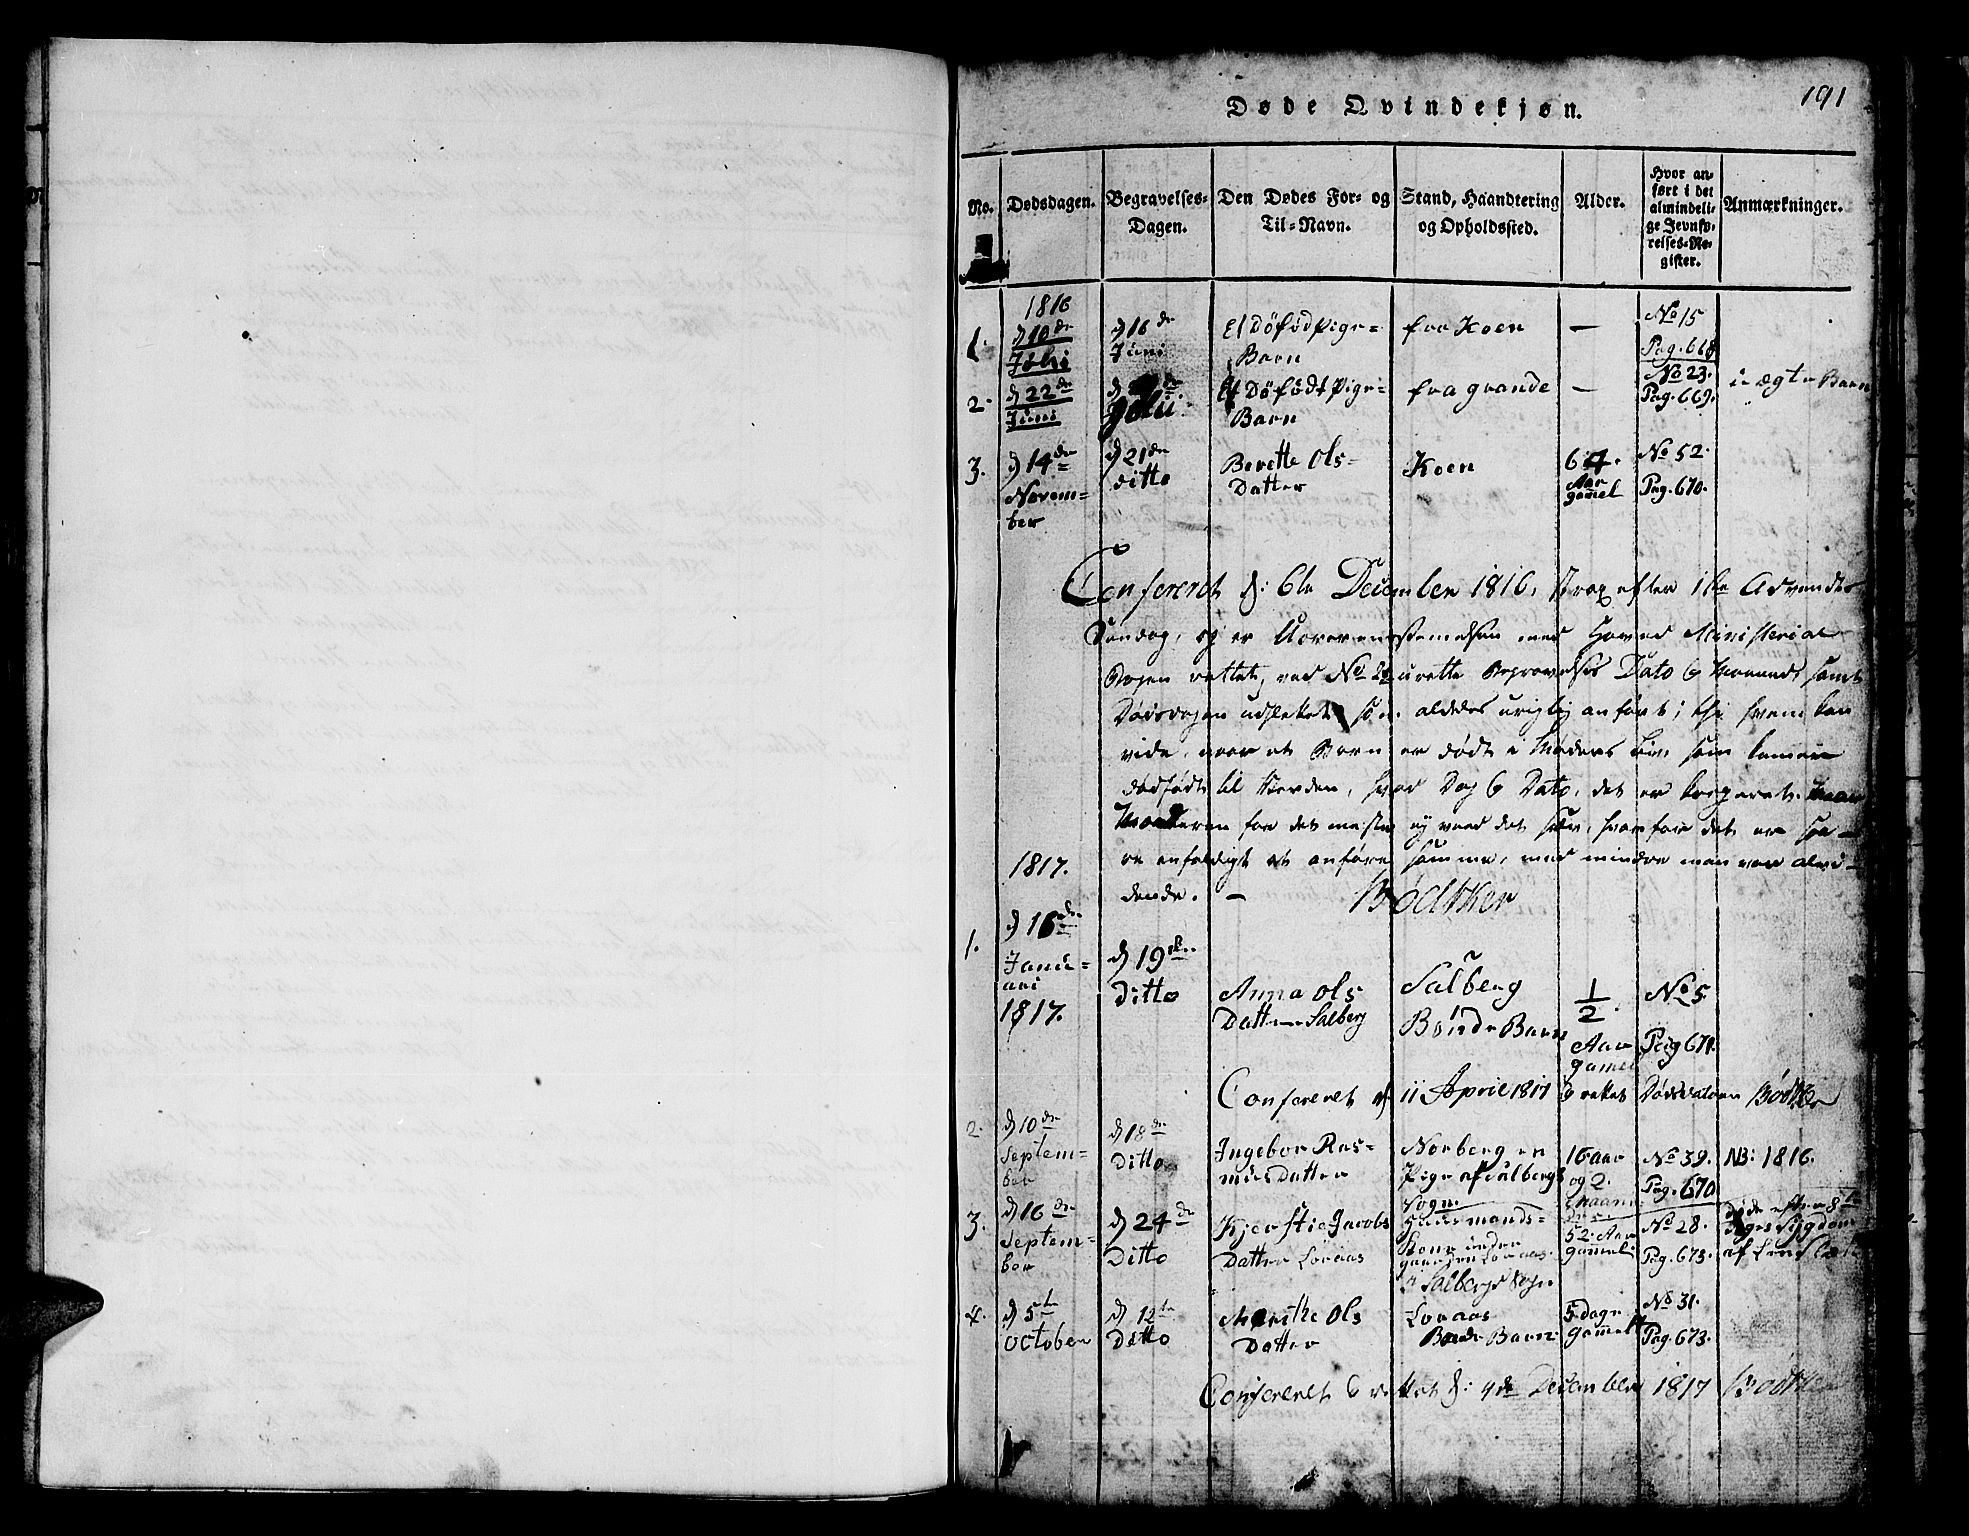 SAT, Ministerialprotokoller, klokkerbøker og fødselsregistre - Nord-Trøndelag, 731/L0310: Klokkerbok nr. 731C01, 1816-1874, s. 190-191